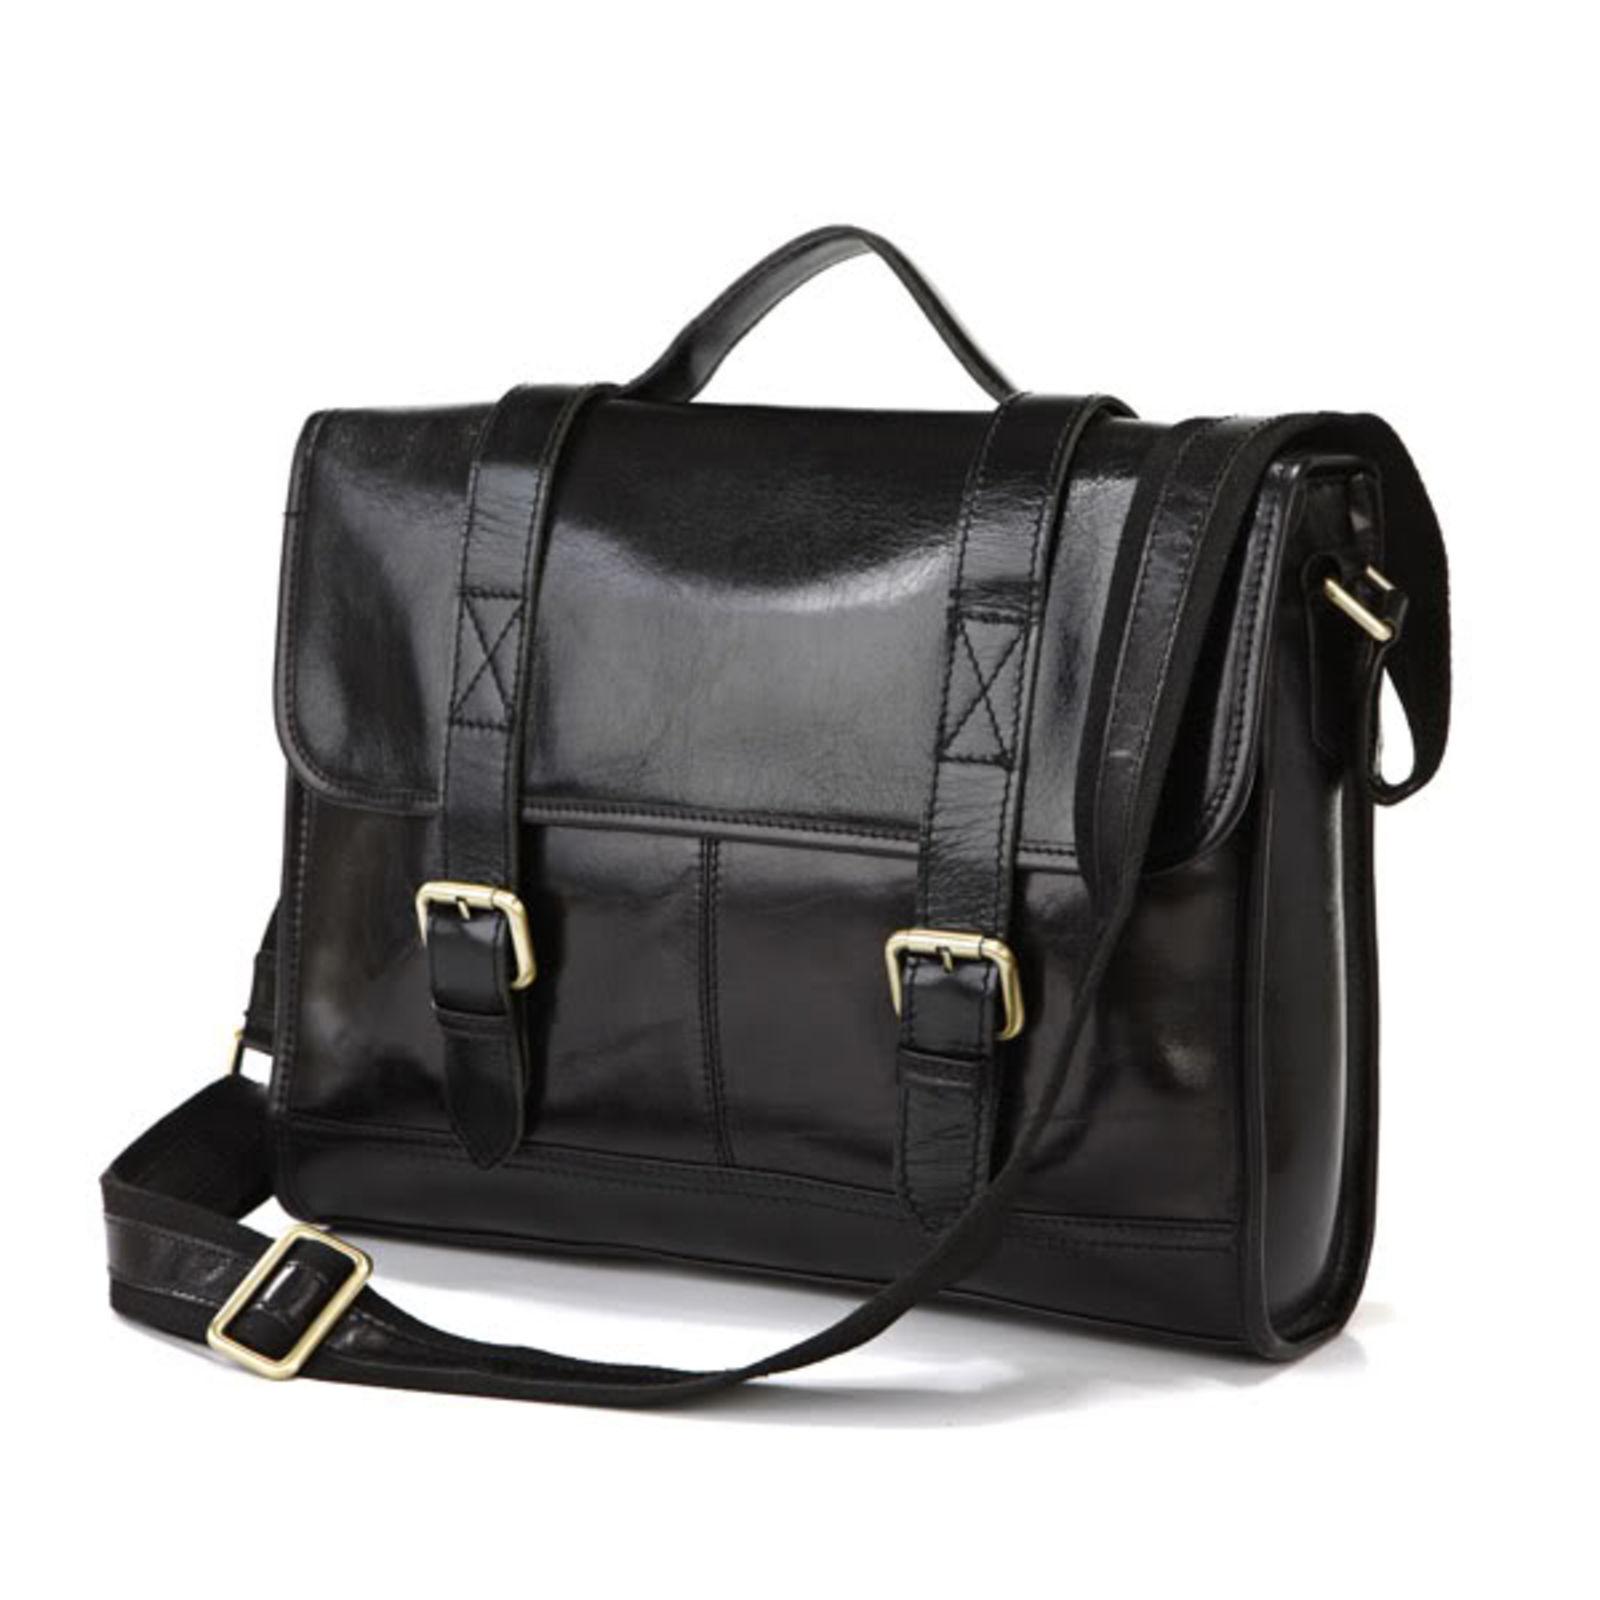 Delton Bags Sac en cuir Principal noir